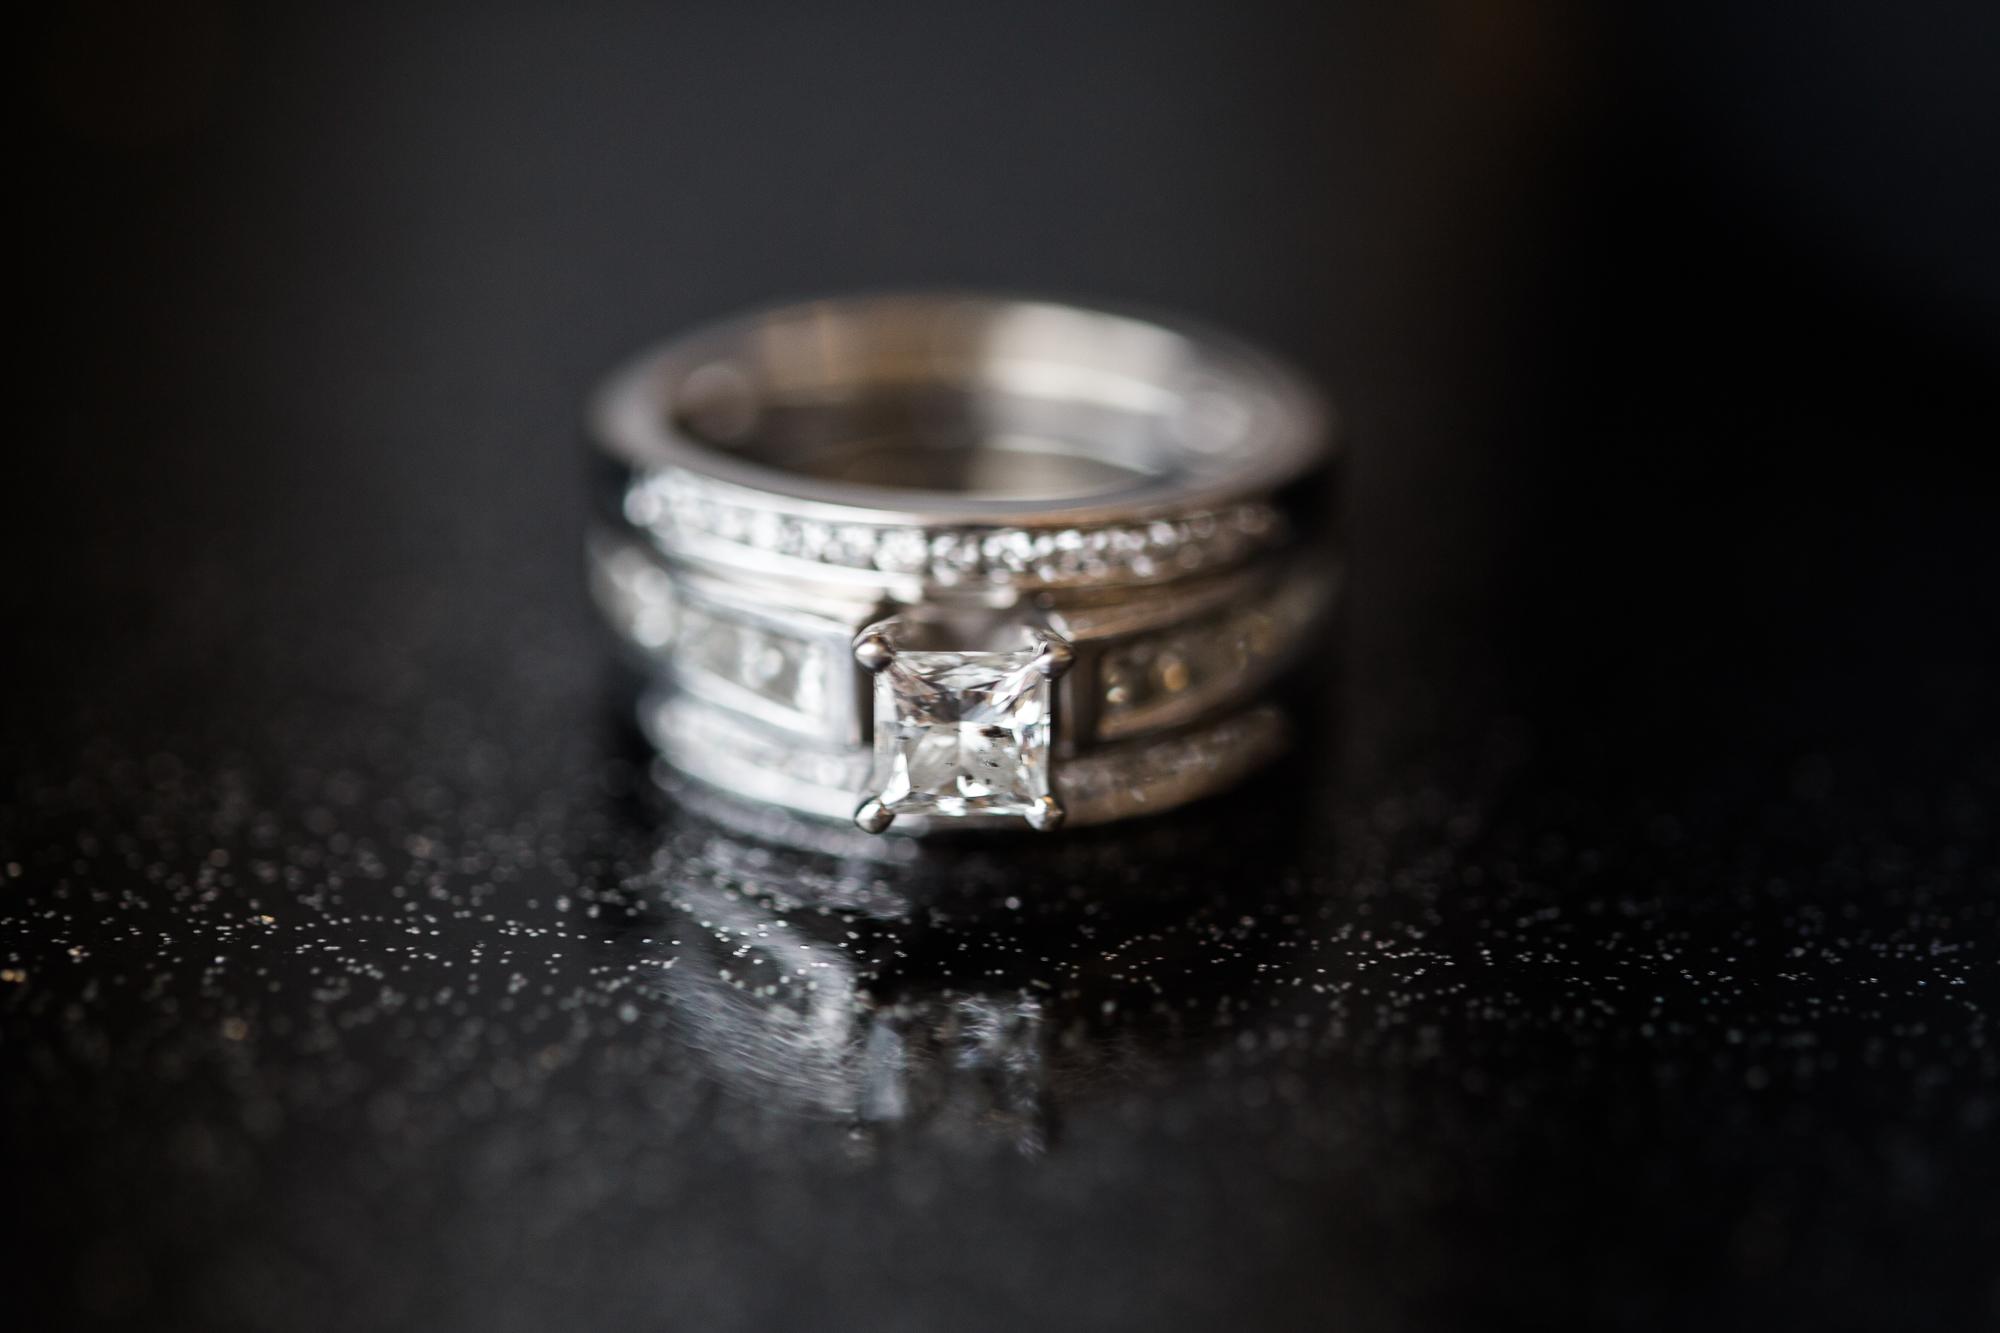 columbus-ohio-wedding-ring-1.jpg